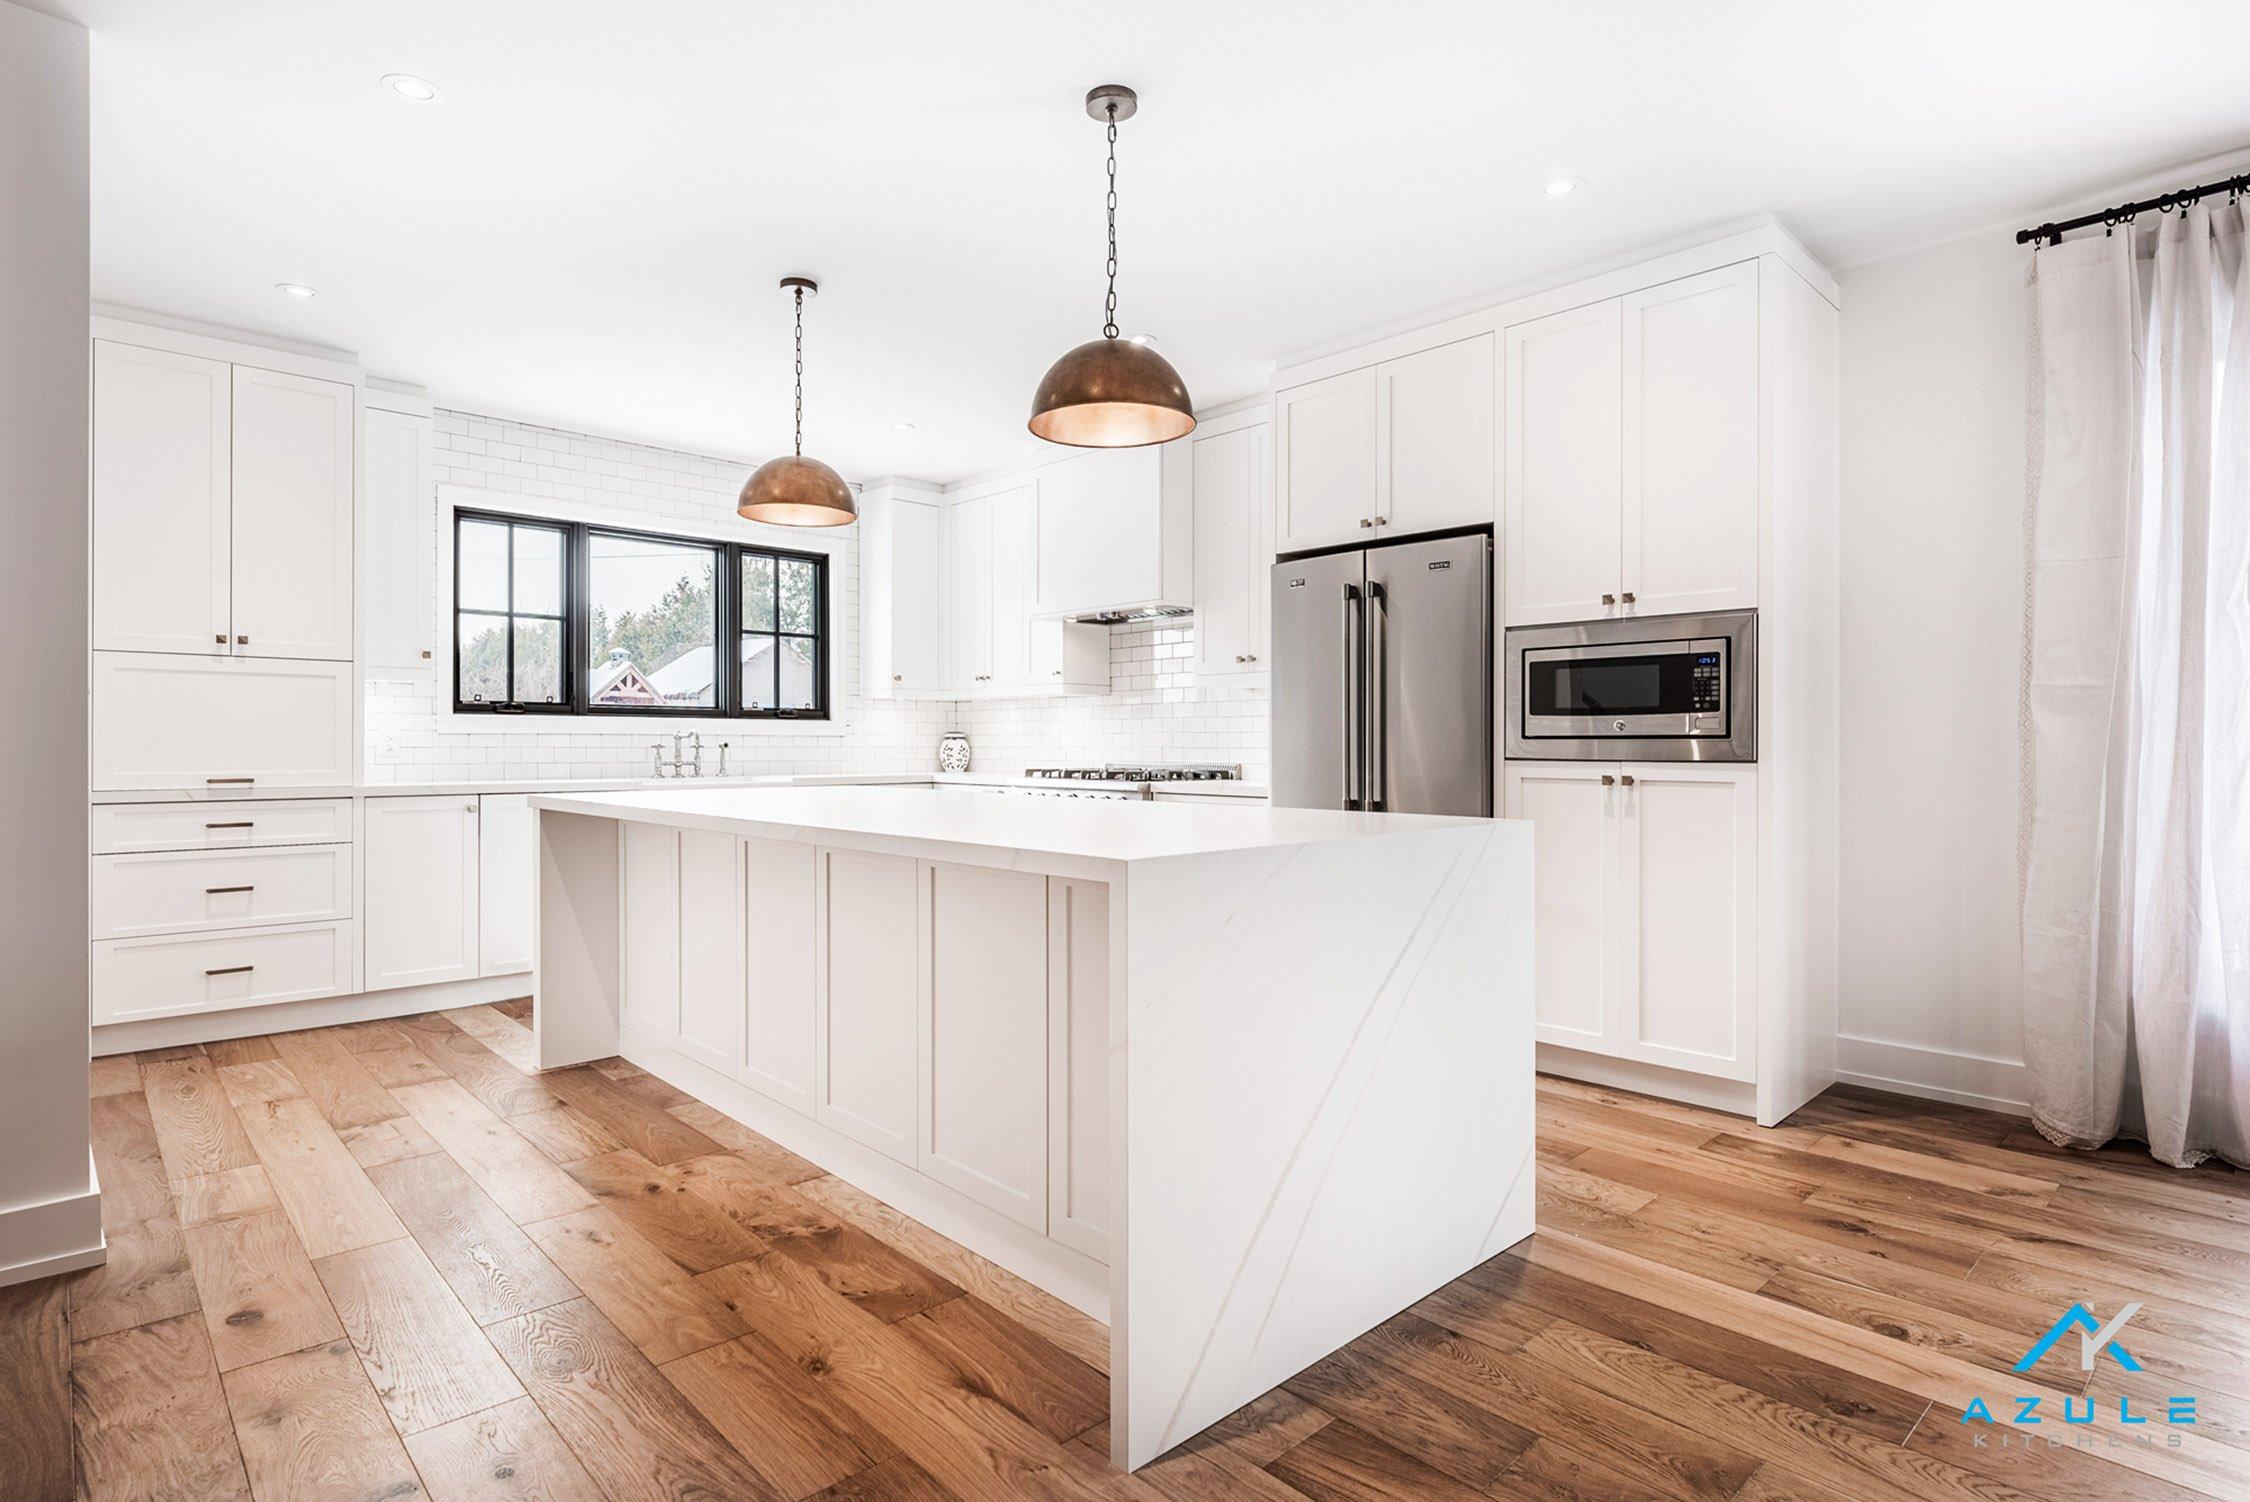 Kitchen Cabinets Supurior Craftsmanhip